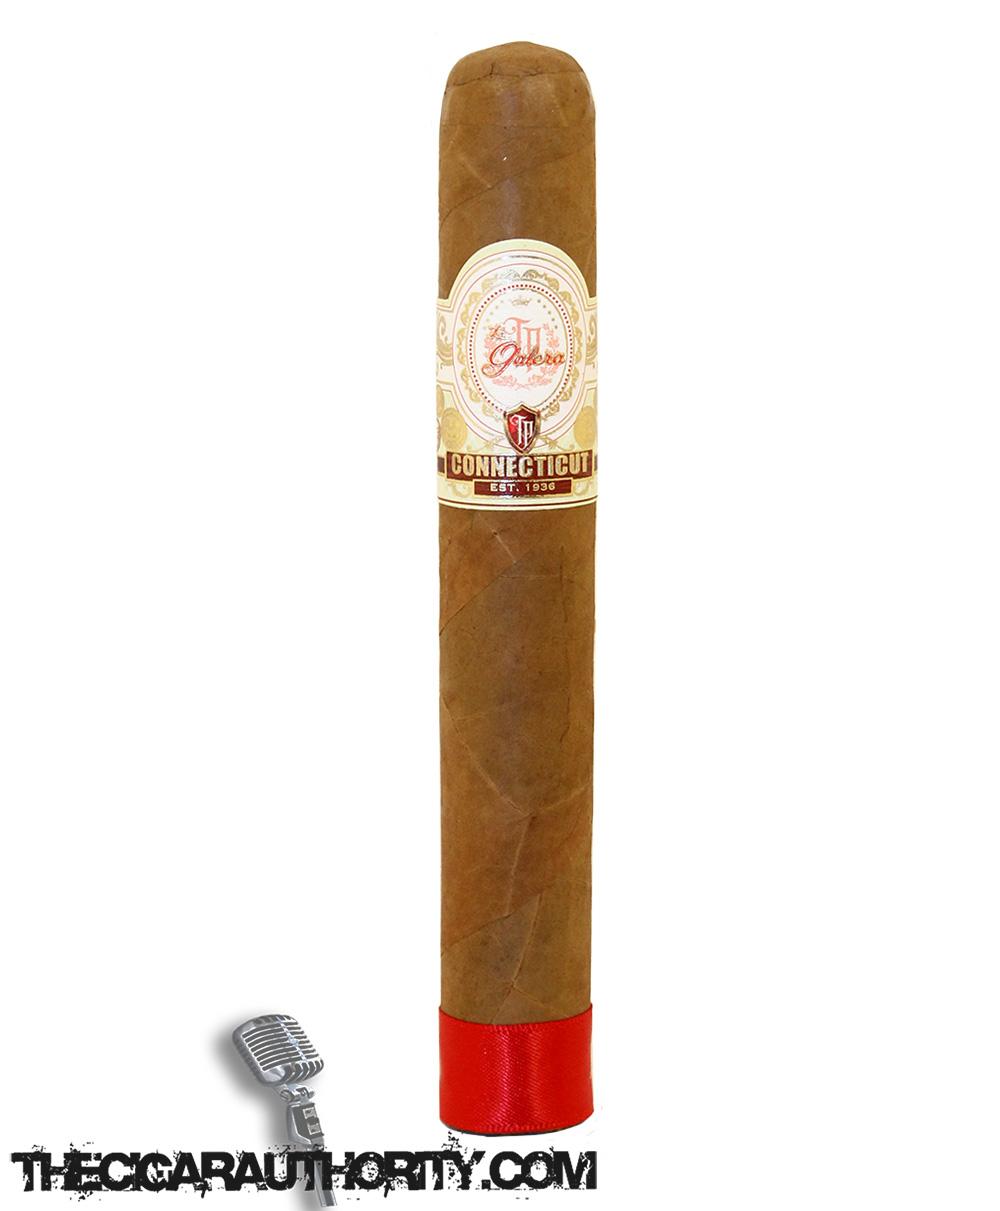 La Galera CT El Lector 2016 Cigar of the Year